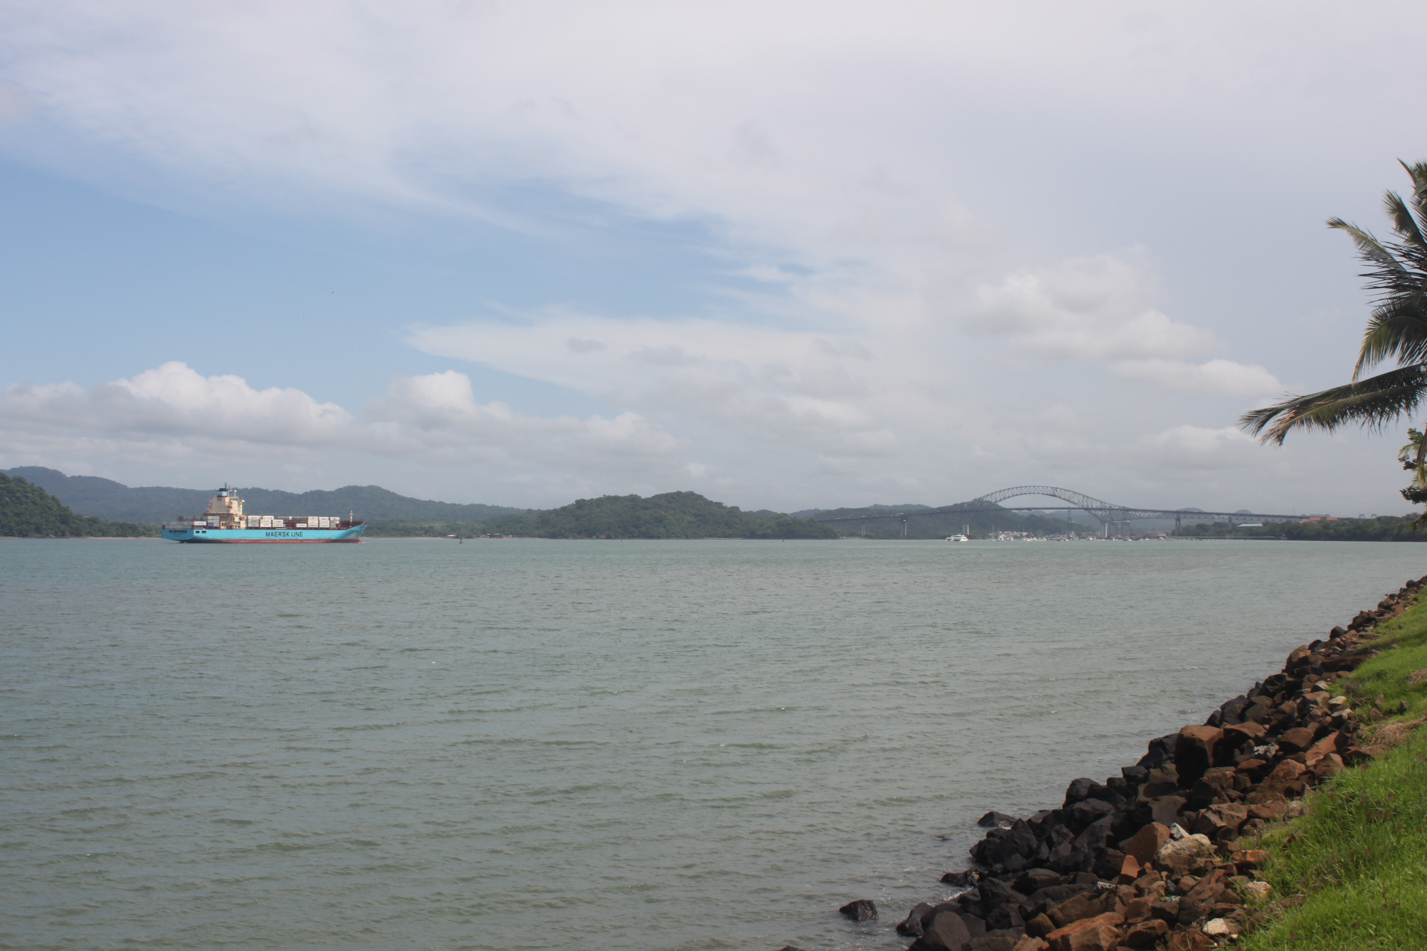 Hier beginnt die 13 stündige durchfahrt durch den Panamakanal für die Ozeanriesen.